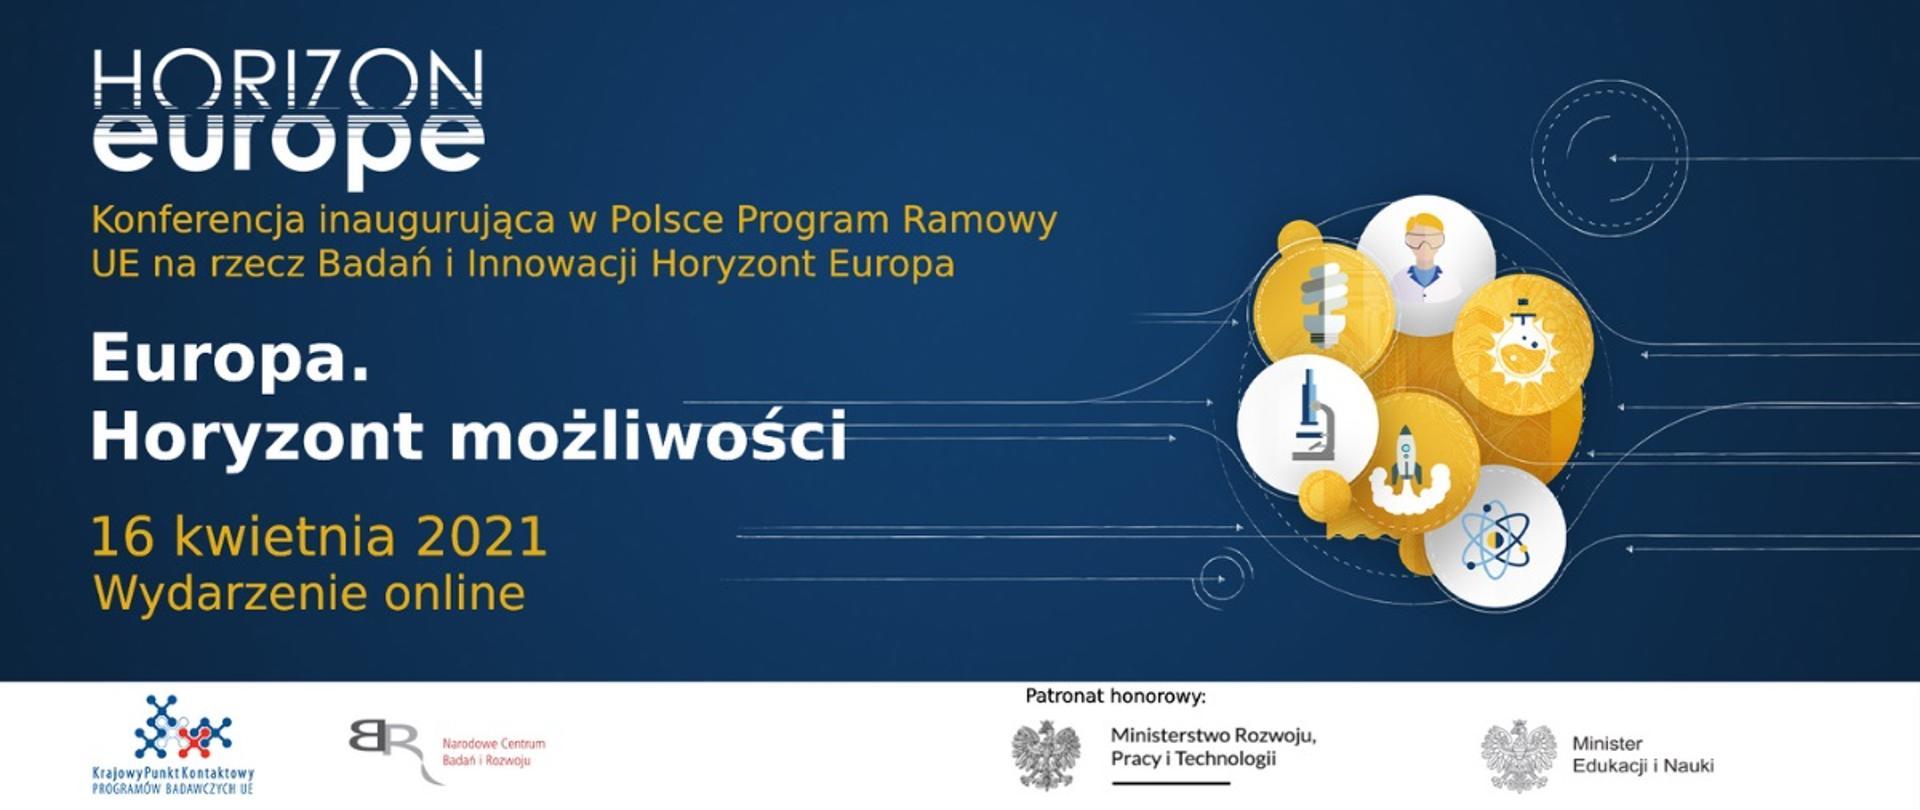 Baner z granatowym tłem od prawej do centralnej strony grafiki napis Konferencja inauguracyjna w Polsce Program Ramowy UE na rzecz Badań i innowacji Europa. u góry Logo Horizon Europe